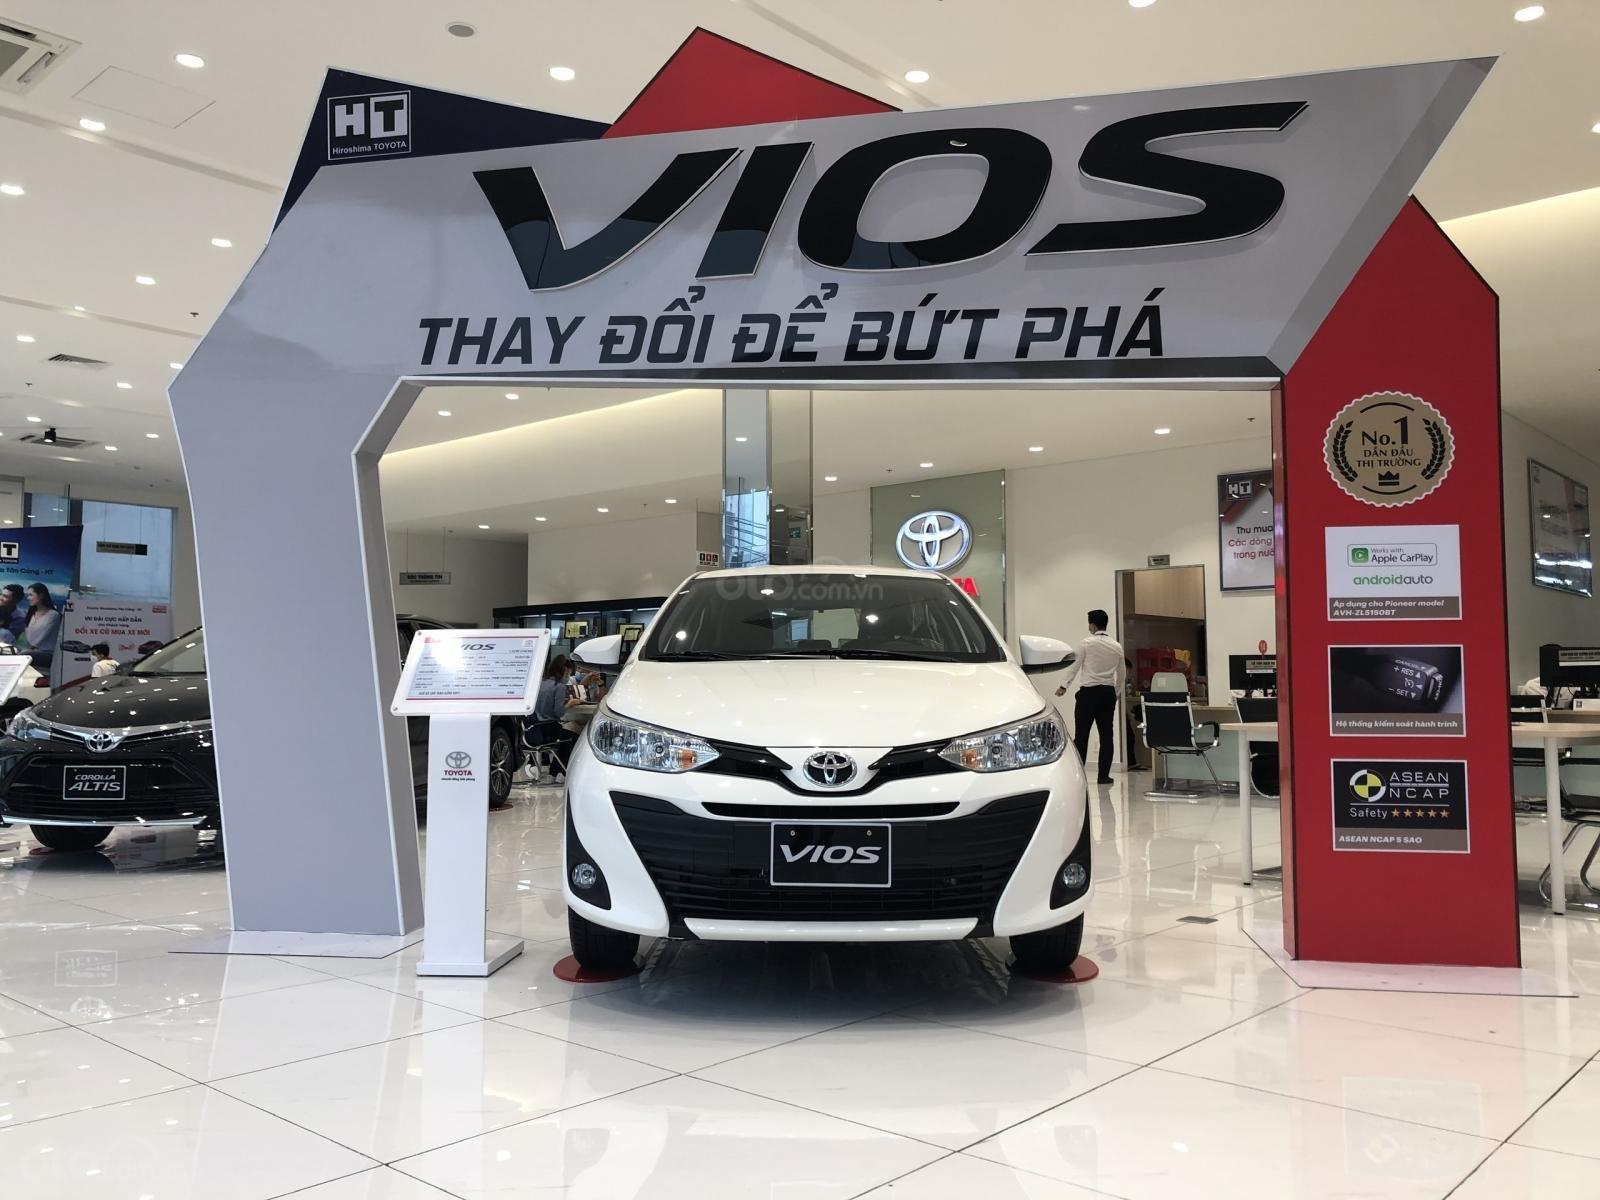 Toyota Vios 2020 khuyến mãi sốc, chỉ 130 triệu nhận xe, đủ màu giao ngay (2)